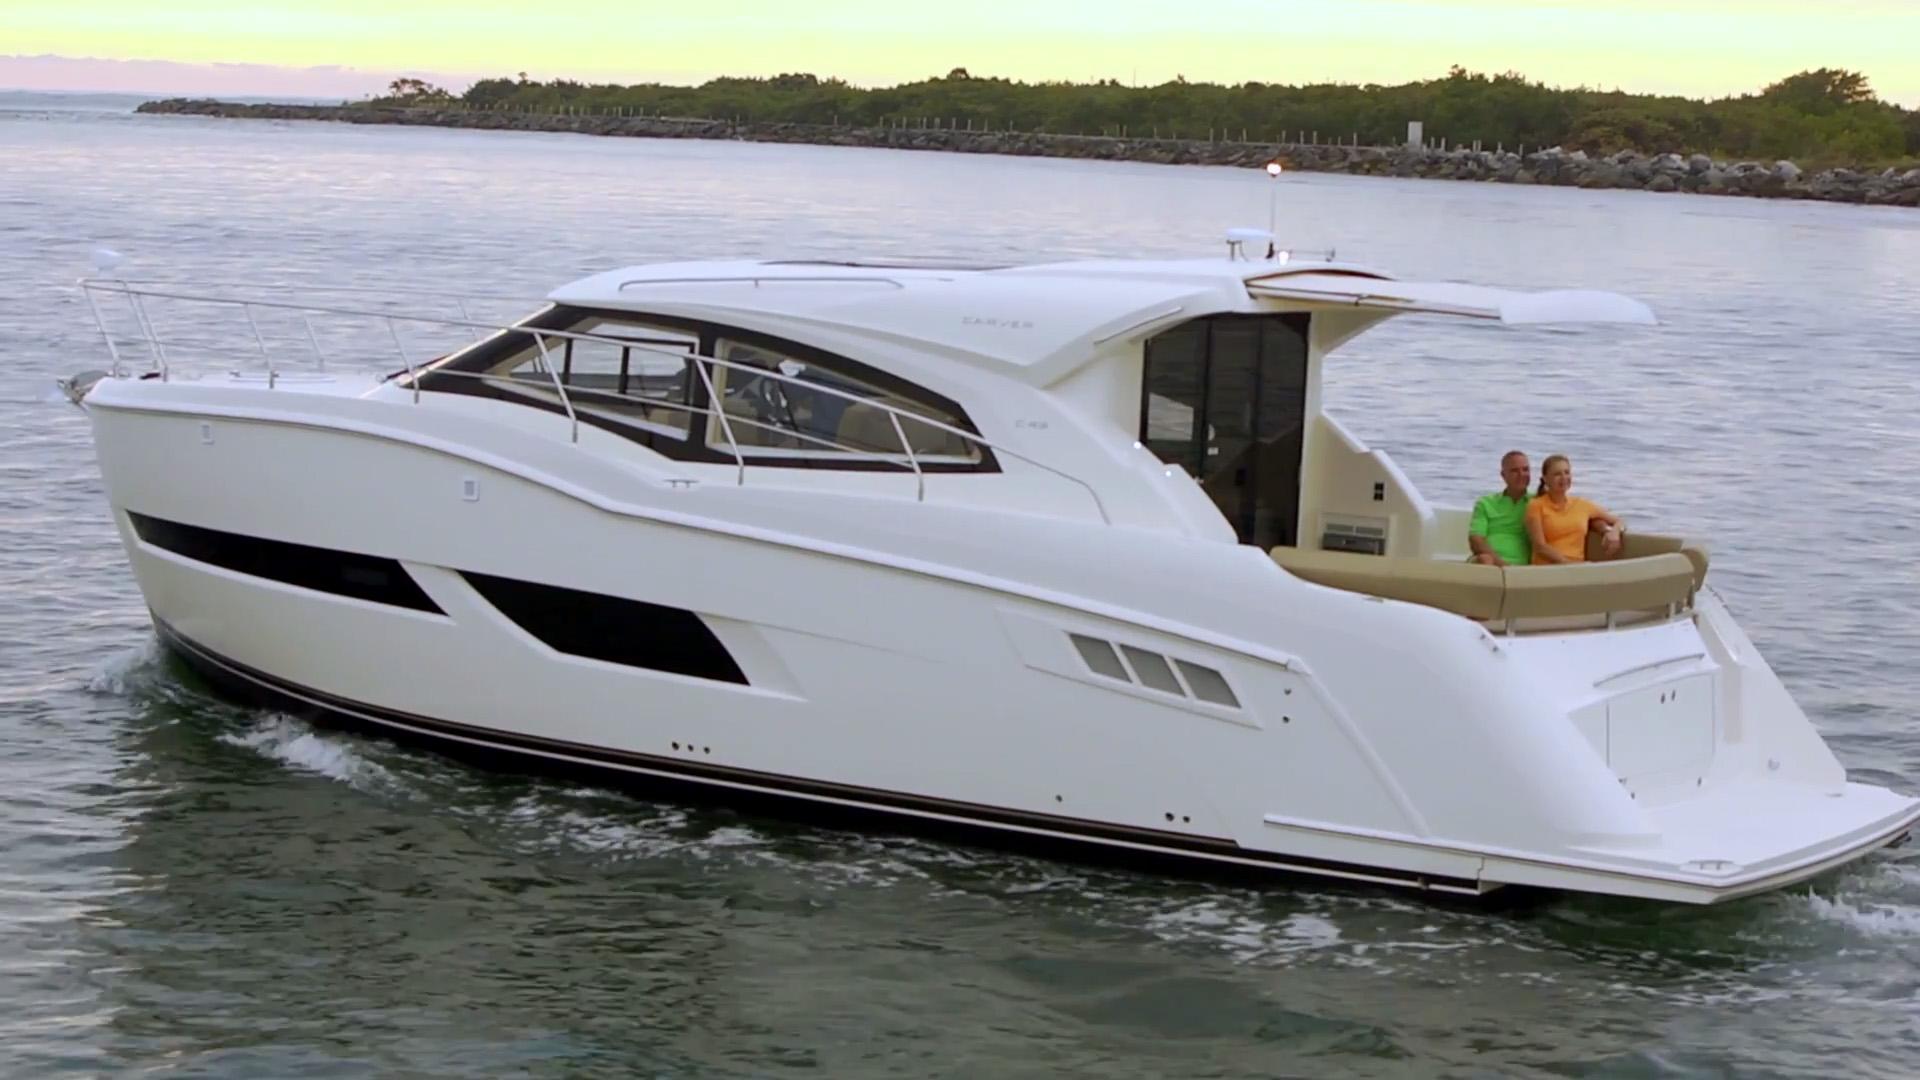 carver yachts sureshade. Black Bedroom Furniture Sets. Home Design Ideas